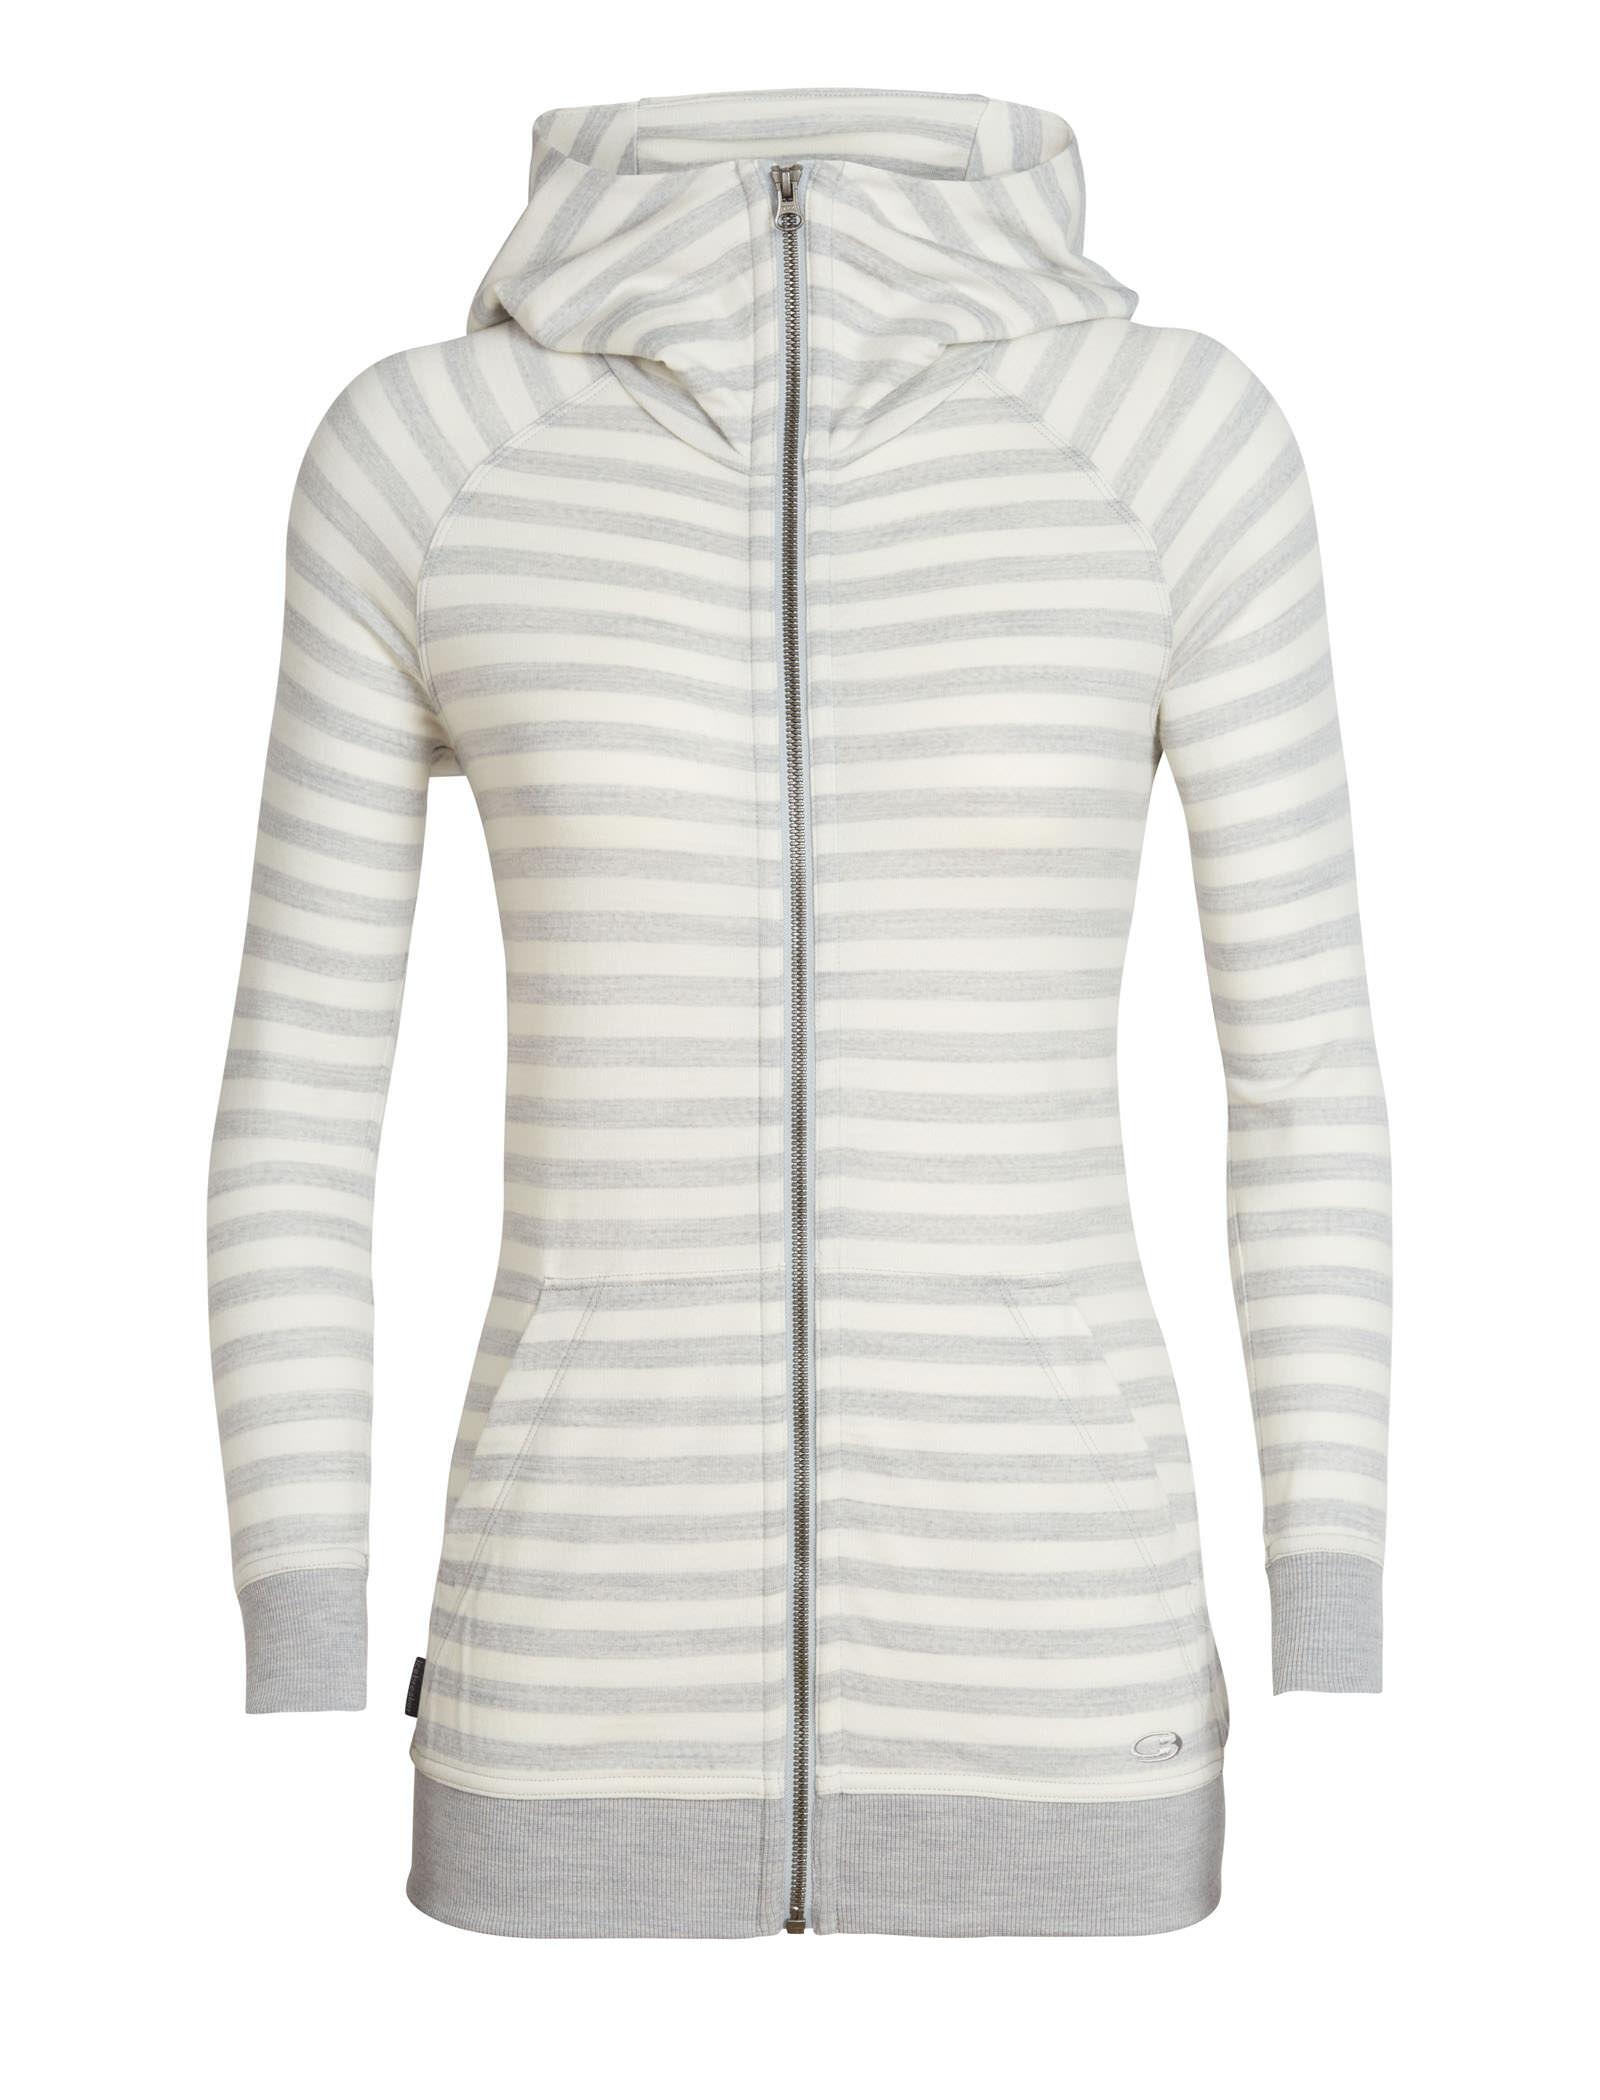 super.natural Womens Hooded Jacket W Essential Zip Hoodie Merino Wool